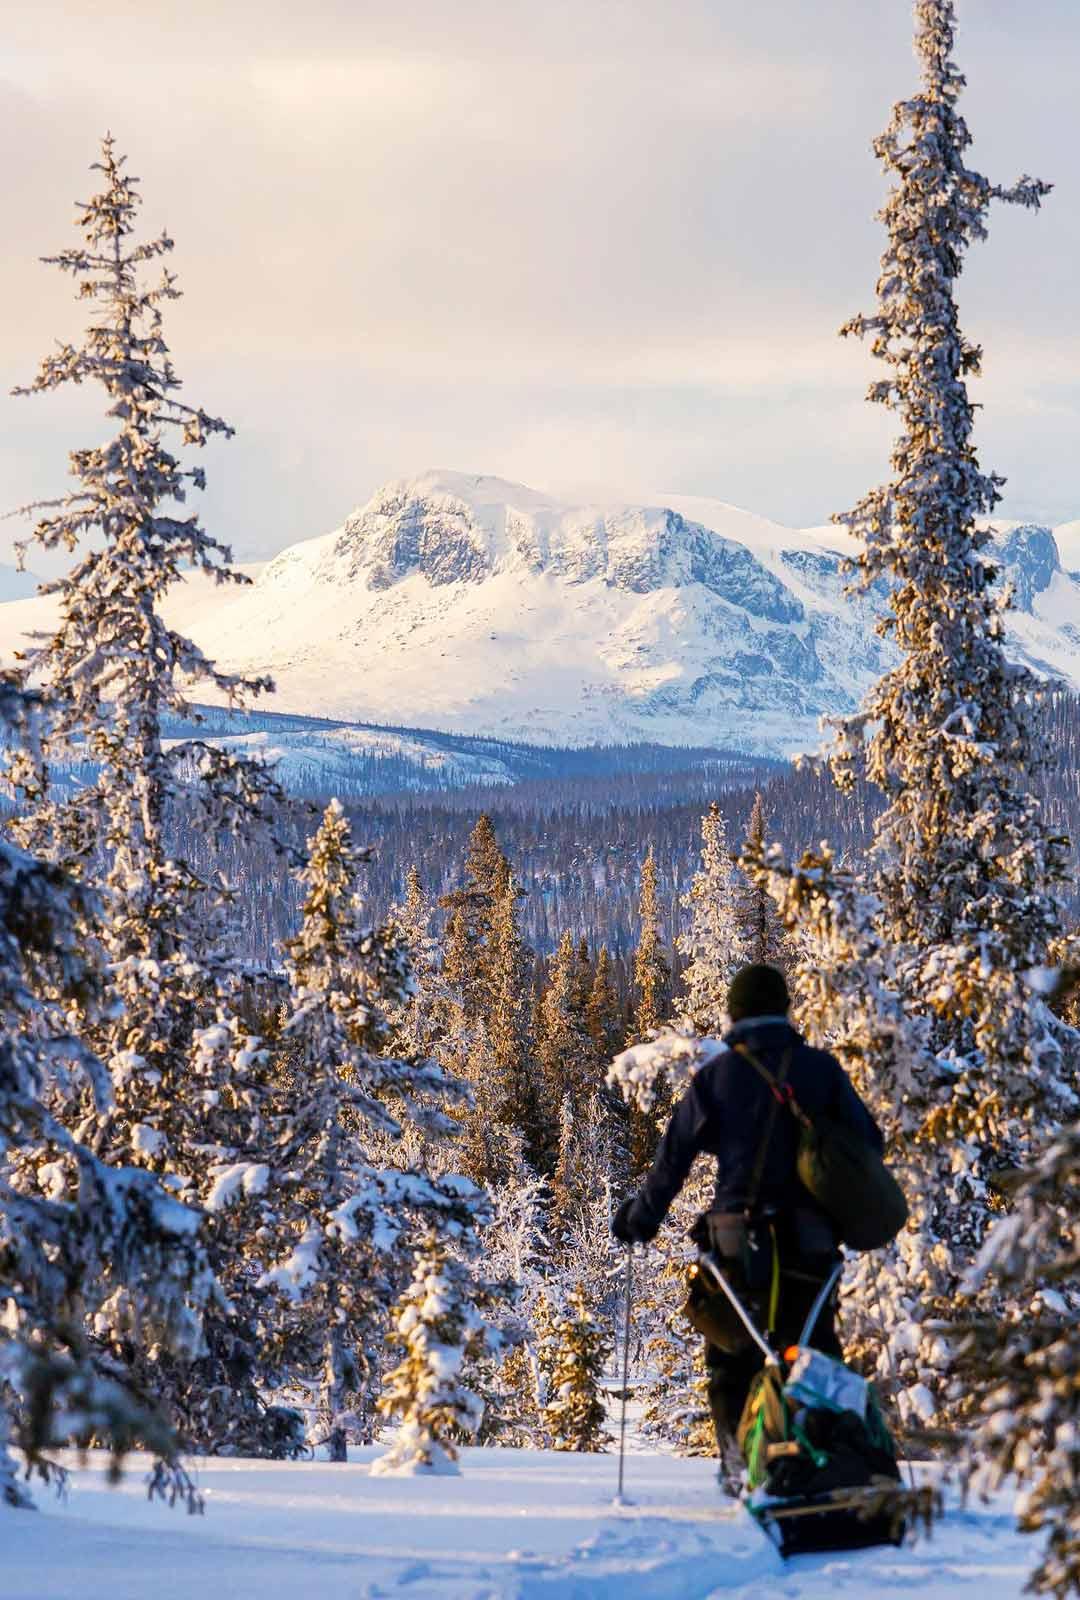 Pohjois-Ruotsin metsät olivat jäämässä taakse helmikuun lopulla 2020, ja edessä oli vaelluksen vuoristo-osuus. Ernon edessä näkyivät Sarekin kansallispuiston vuorenhuiput.